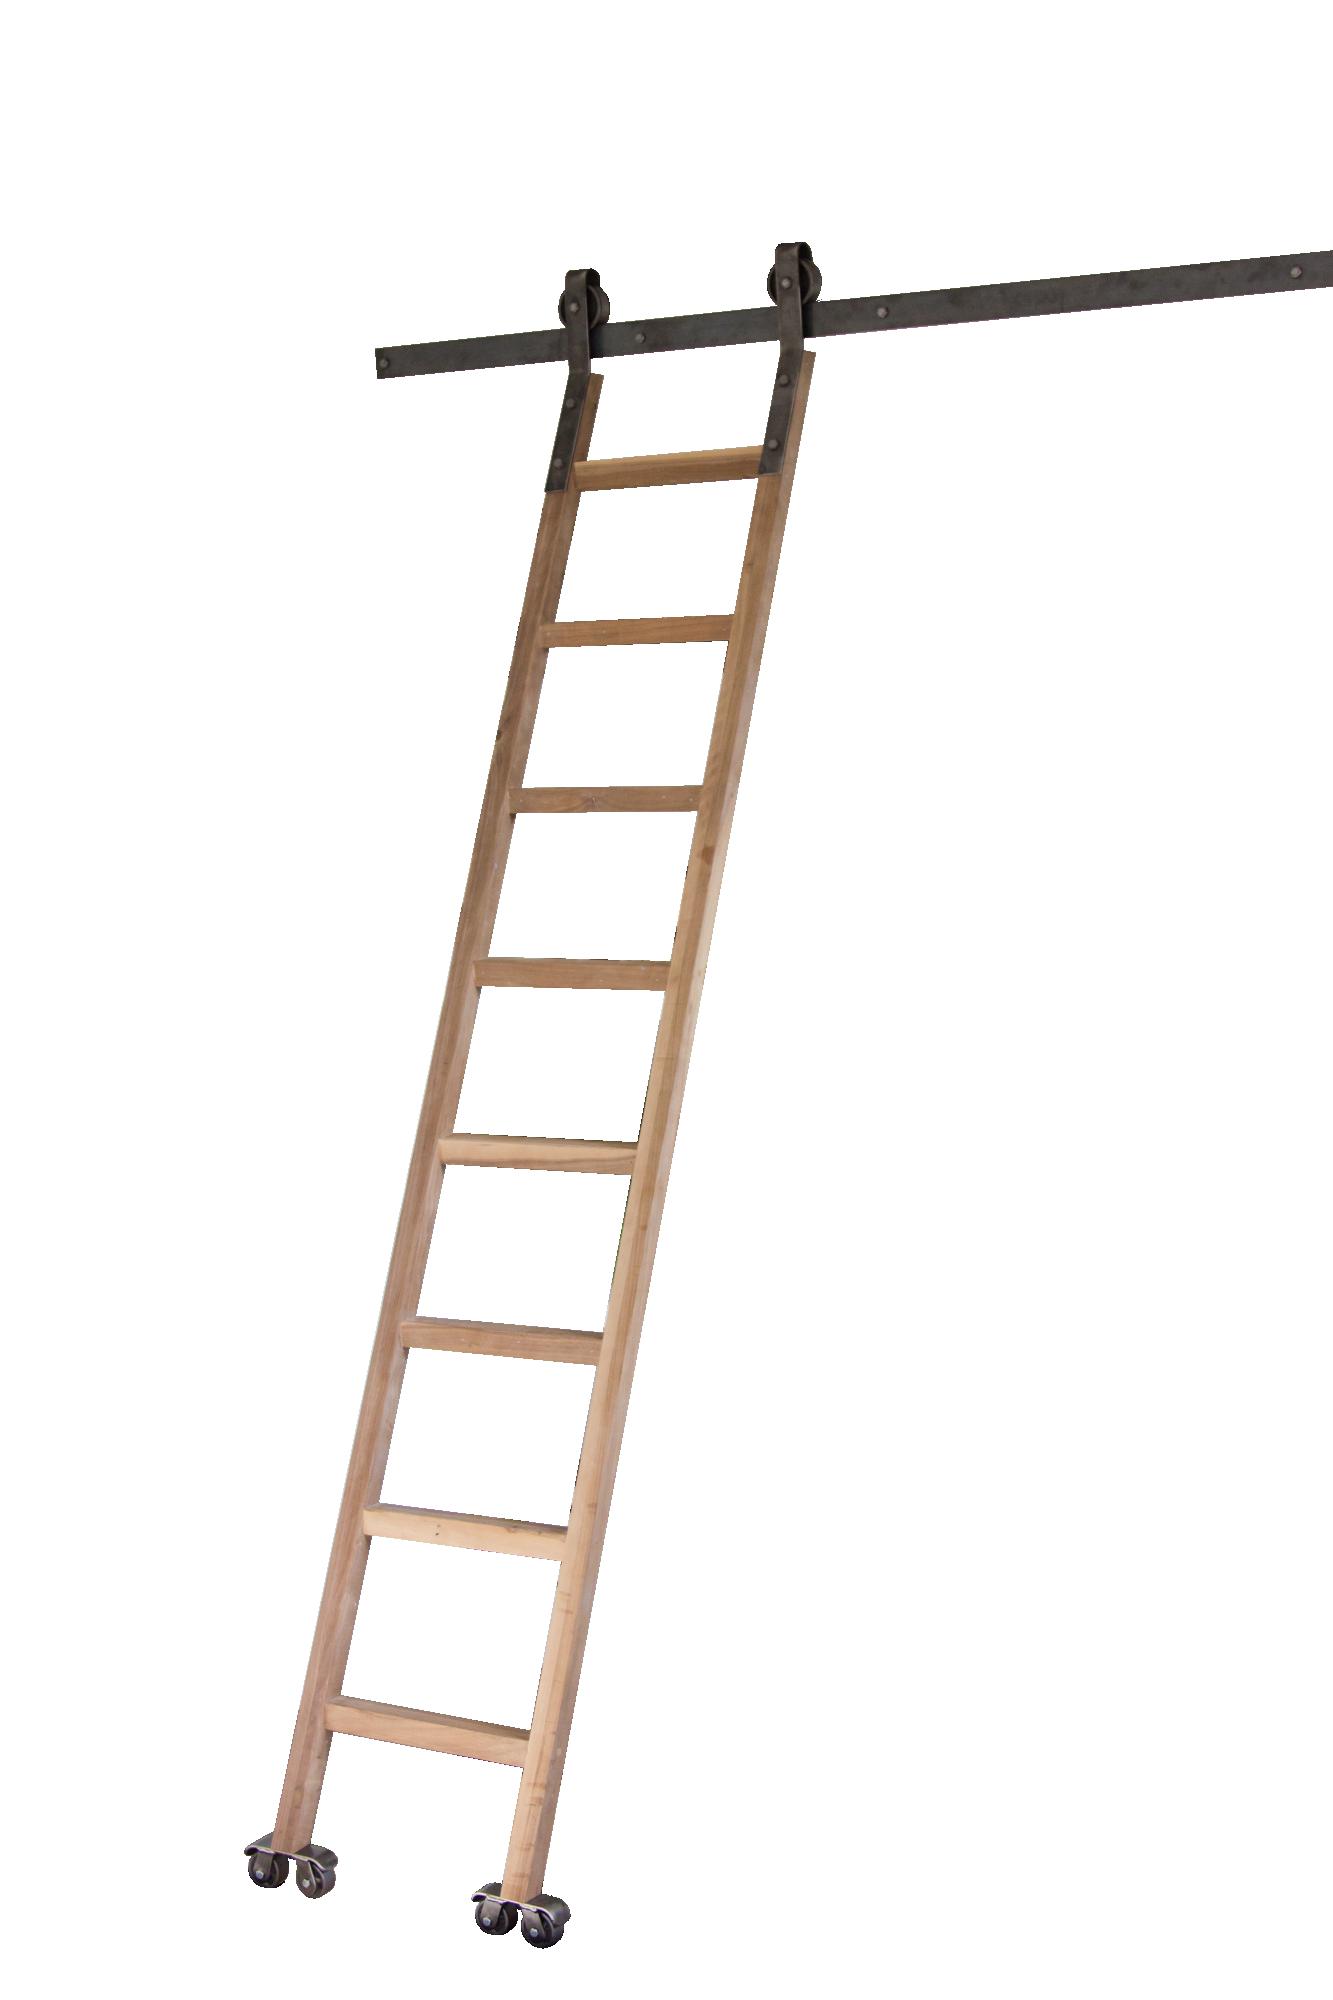 Artisan Sliding Ladder Handcrafted Furniture Artisan Hardware Artisan Hardware Hand Crafted Furniture Handmade Furniture